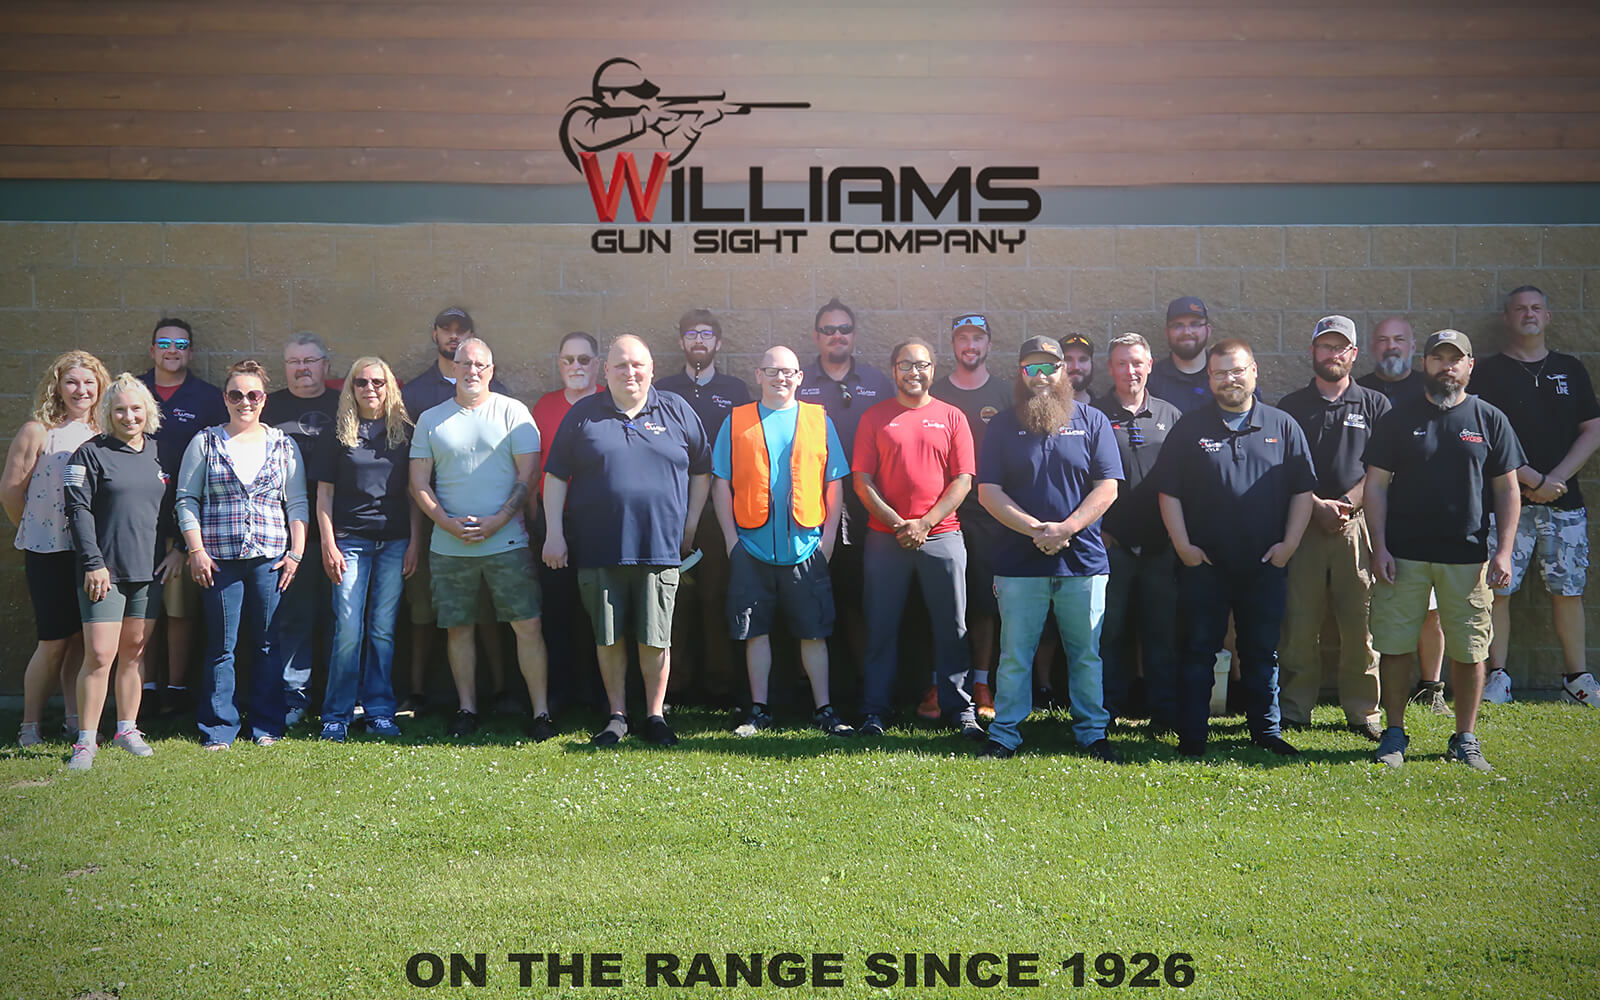 William's Gun Sight Retail Team